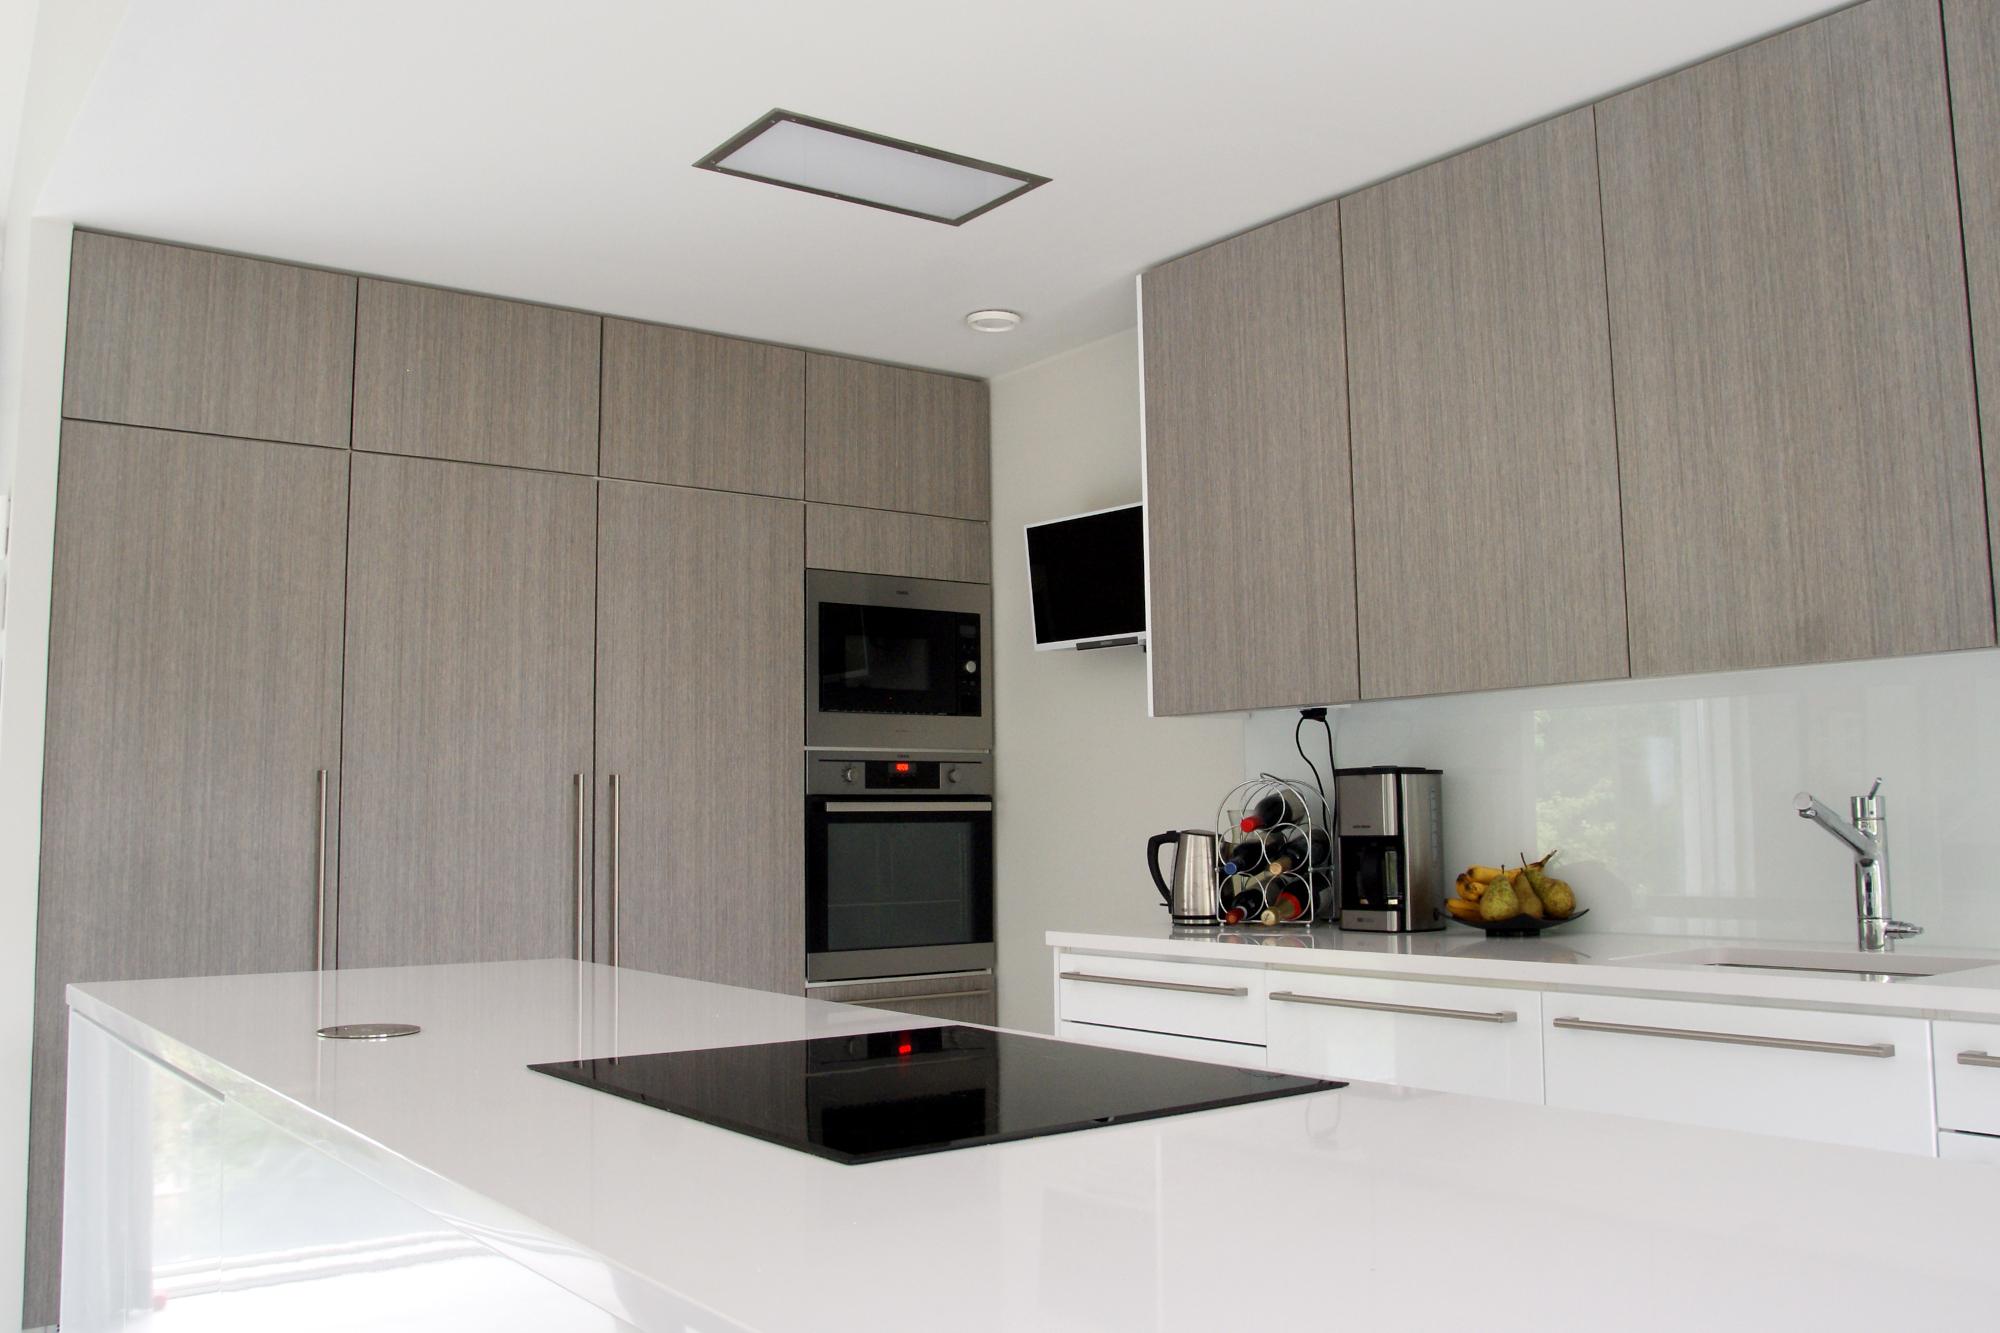 keittiöntasot savonlinna - mitta-keittiöt